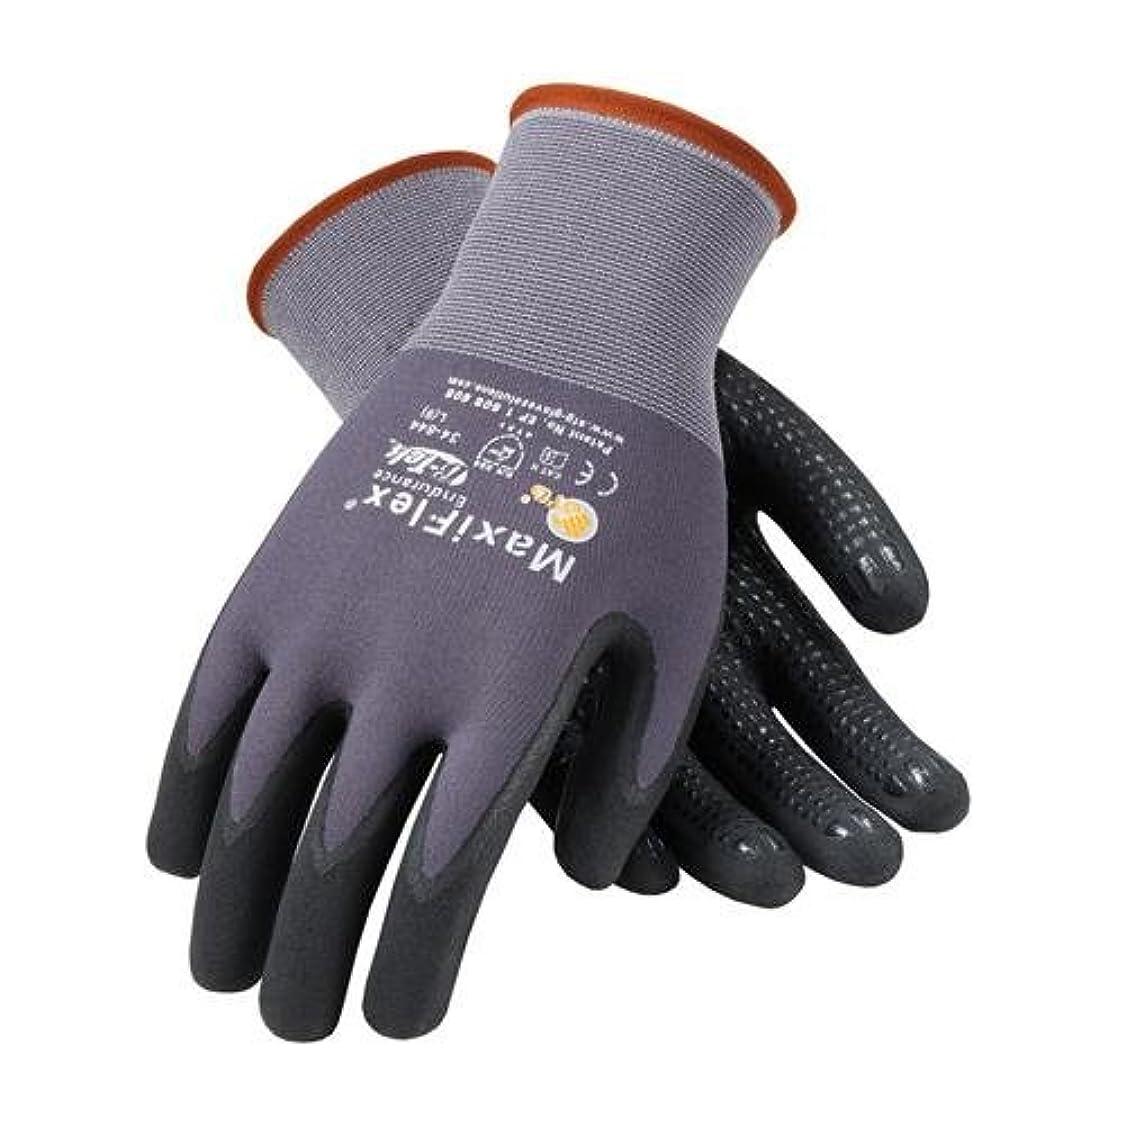 タイピストオーケストラ小人PIP 34-844/S MaxiFlex Endurance Seamless Knit Nylon Glove with MicroFoam Grip, S Size (Pack of 144) 141[並行輸入]